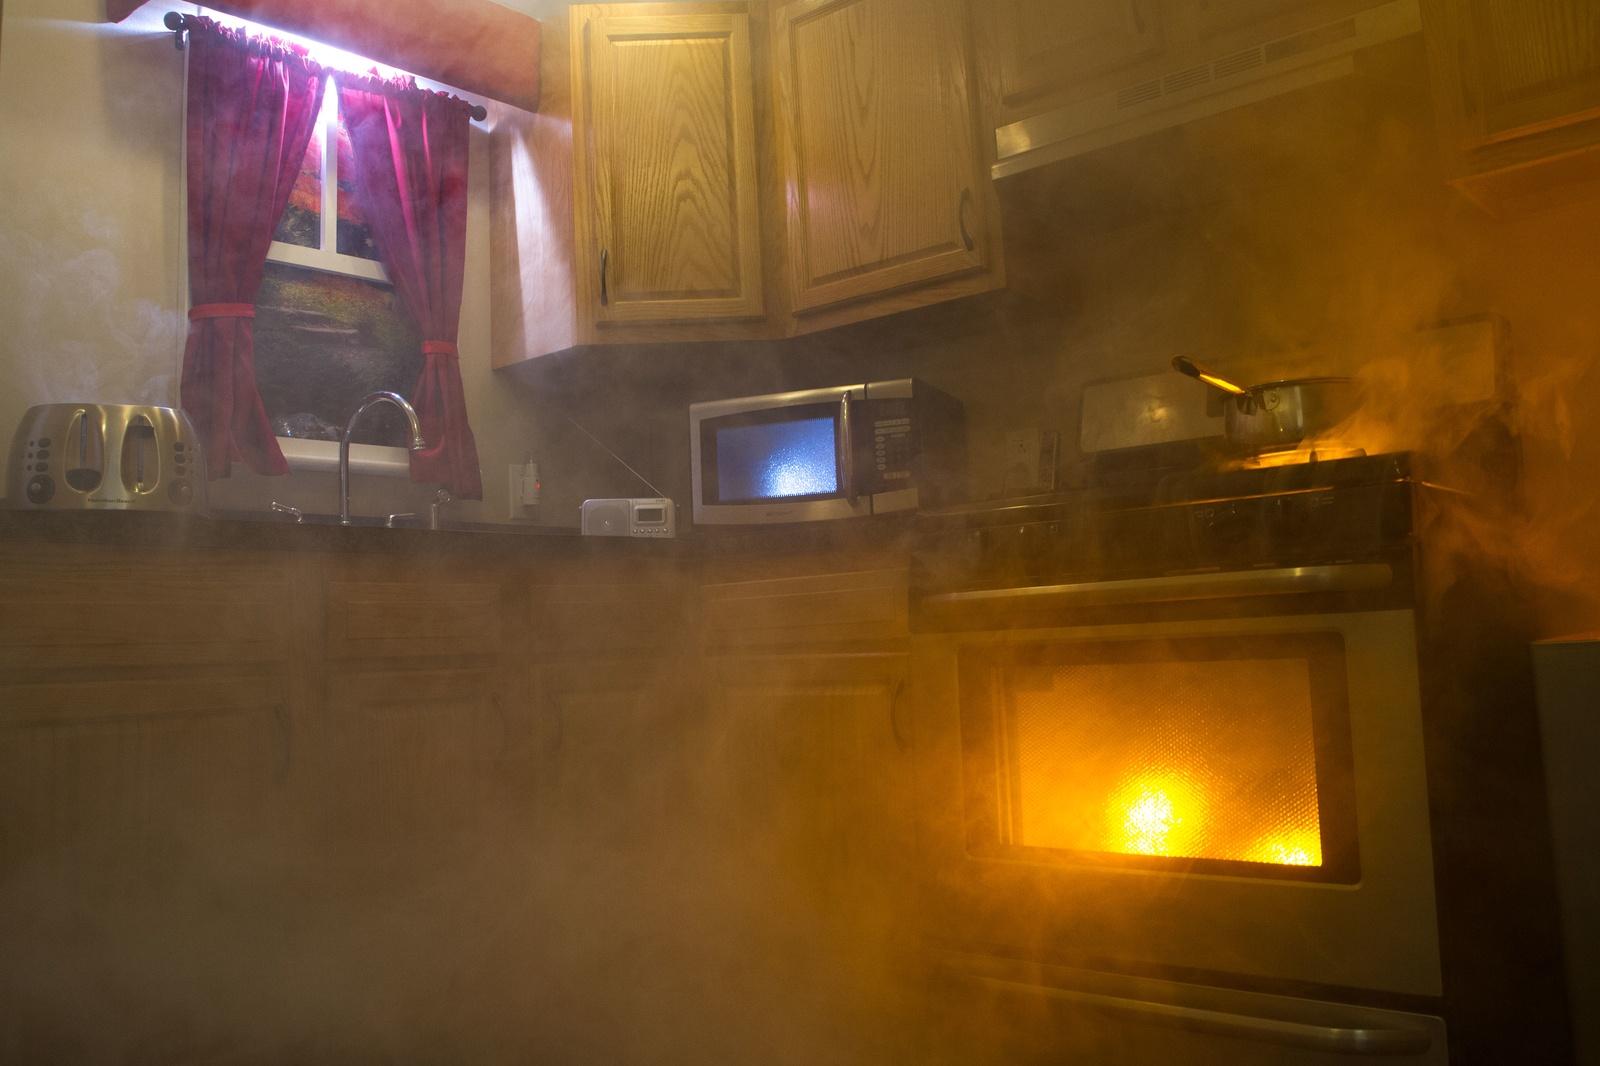 Feuersicherheitsanhänger | Gemeinschaft Feuersicherheitstraining